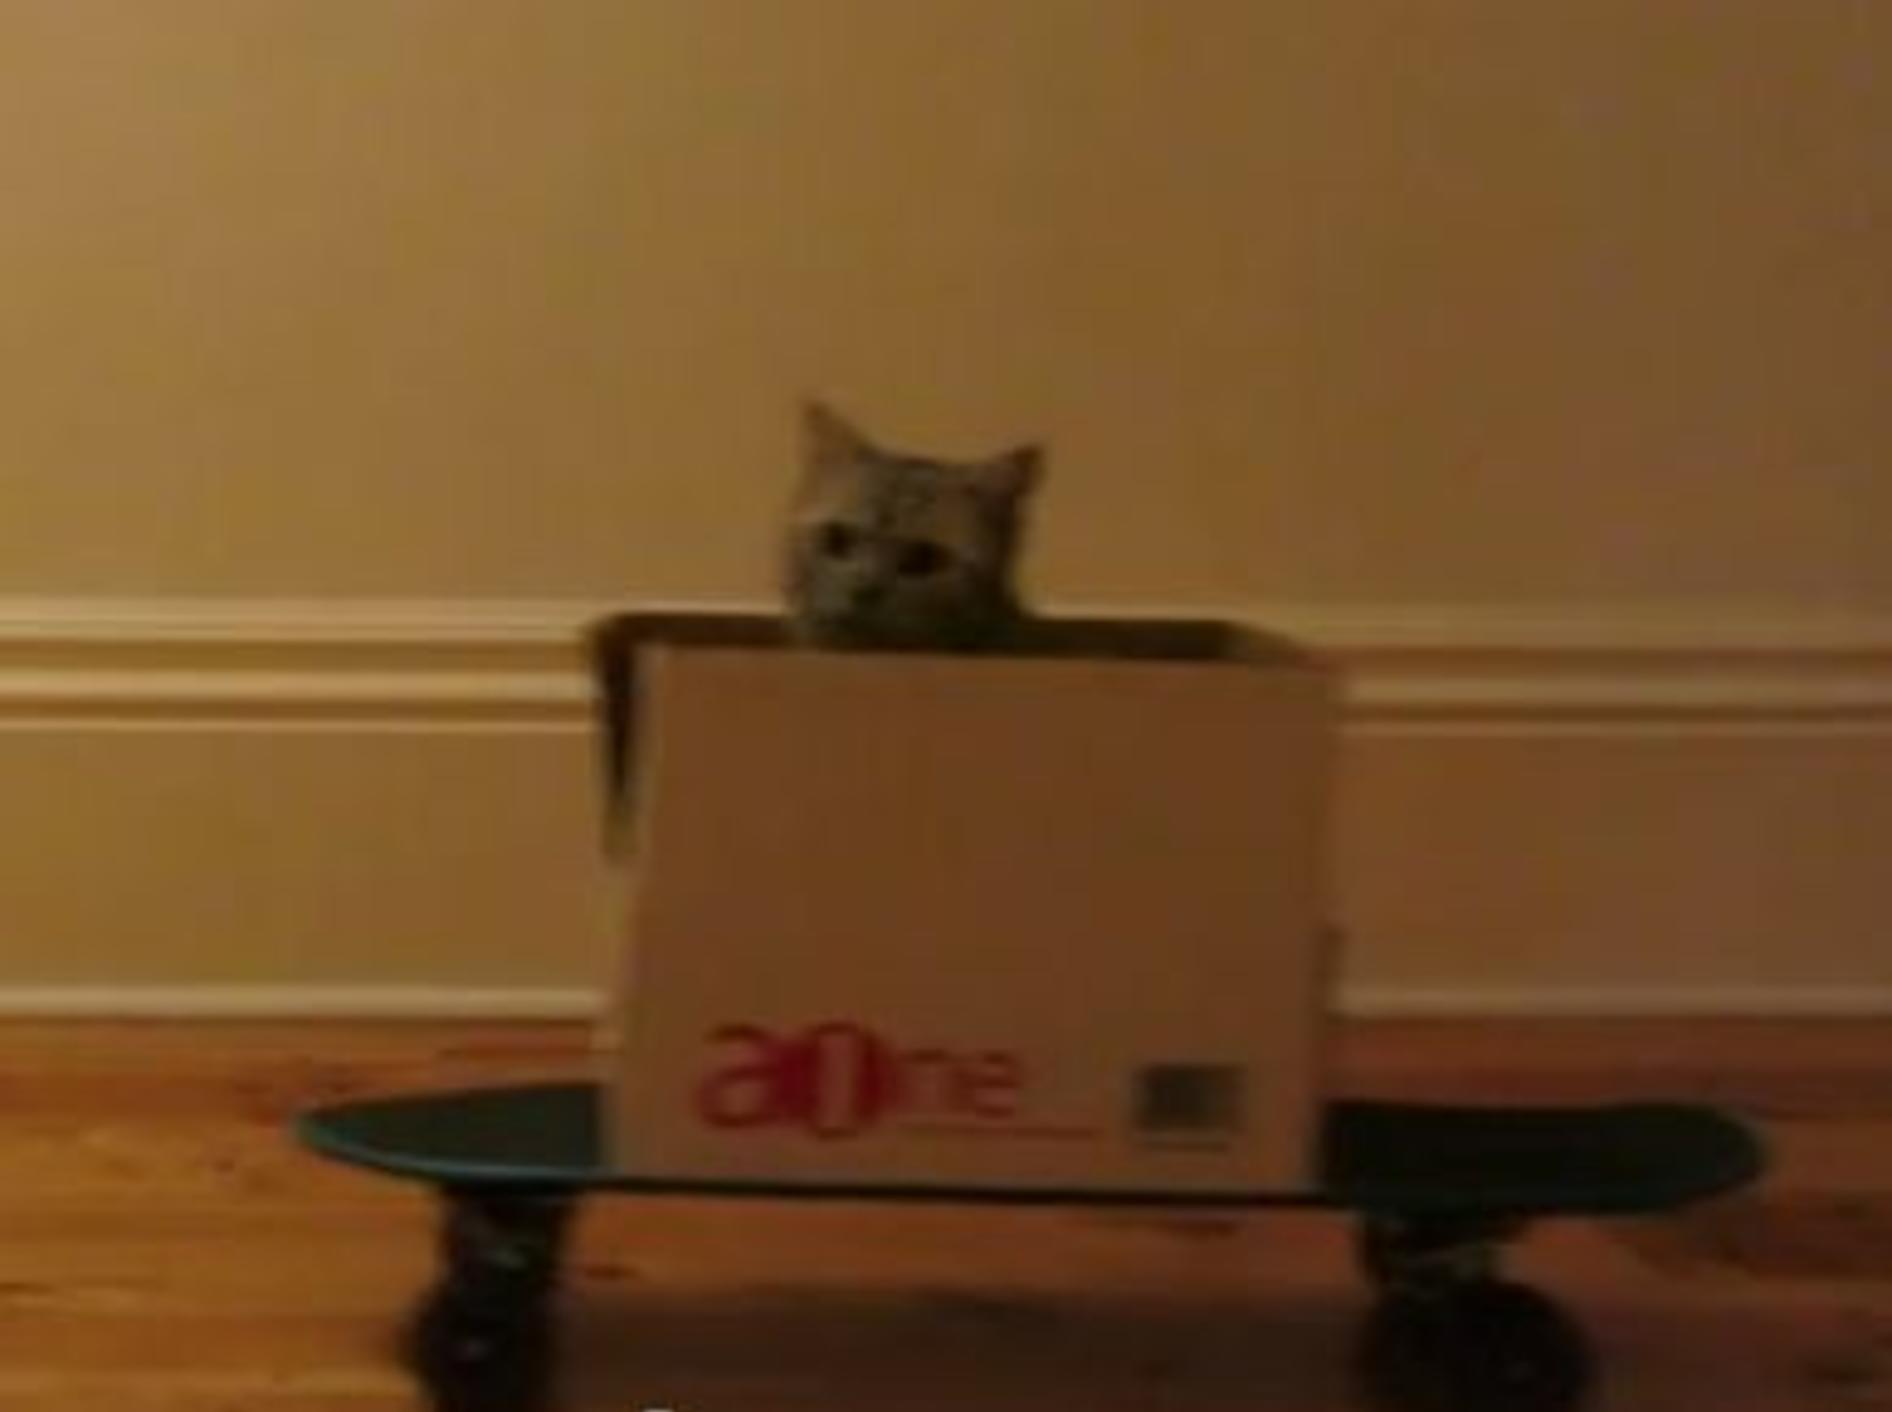 Lustige Katze skatet im Karton — Bild: Youtube / perkyballs